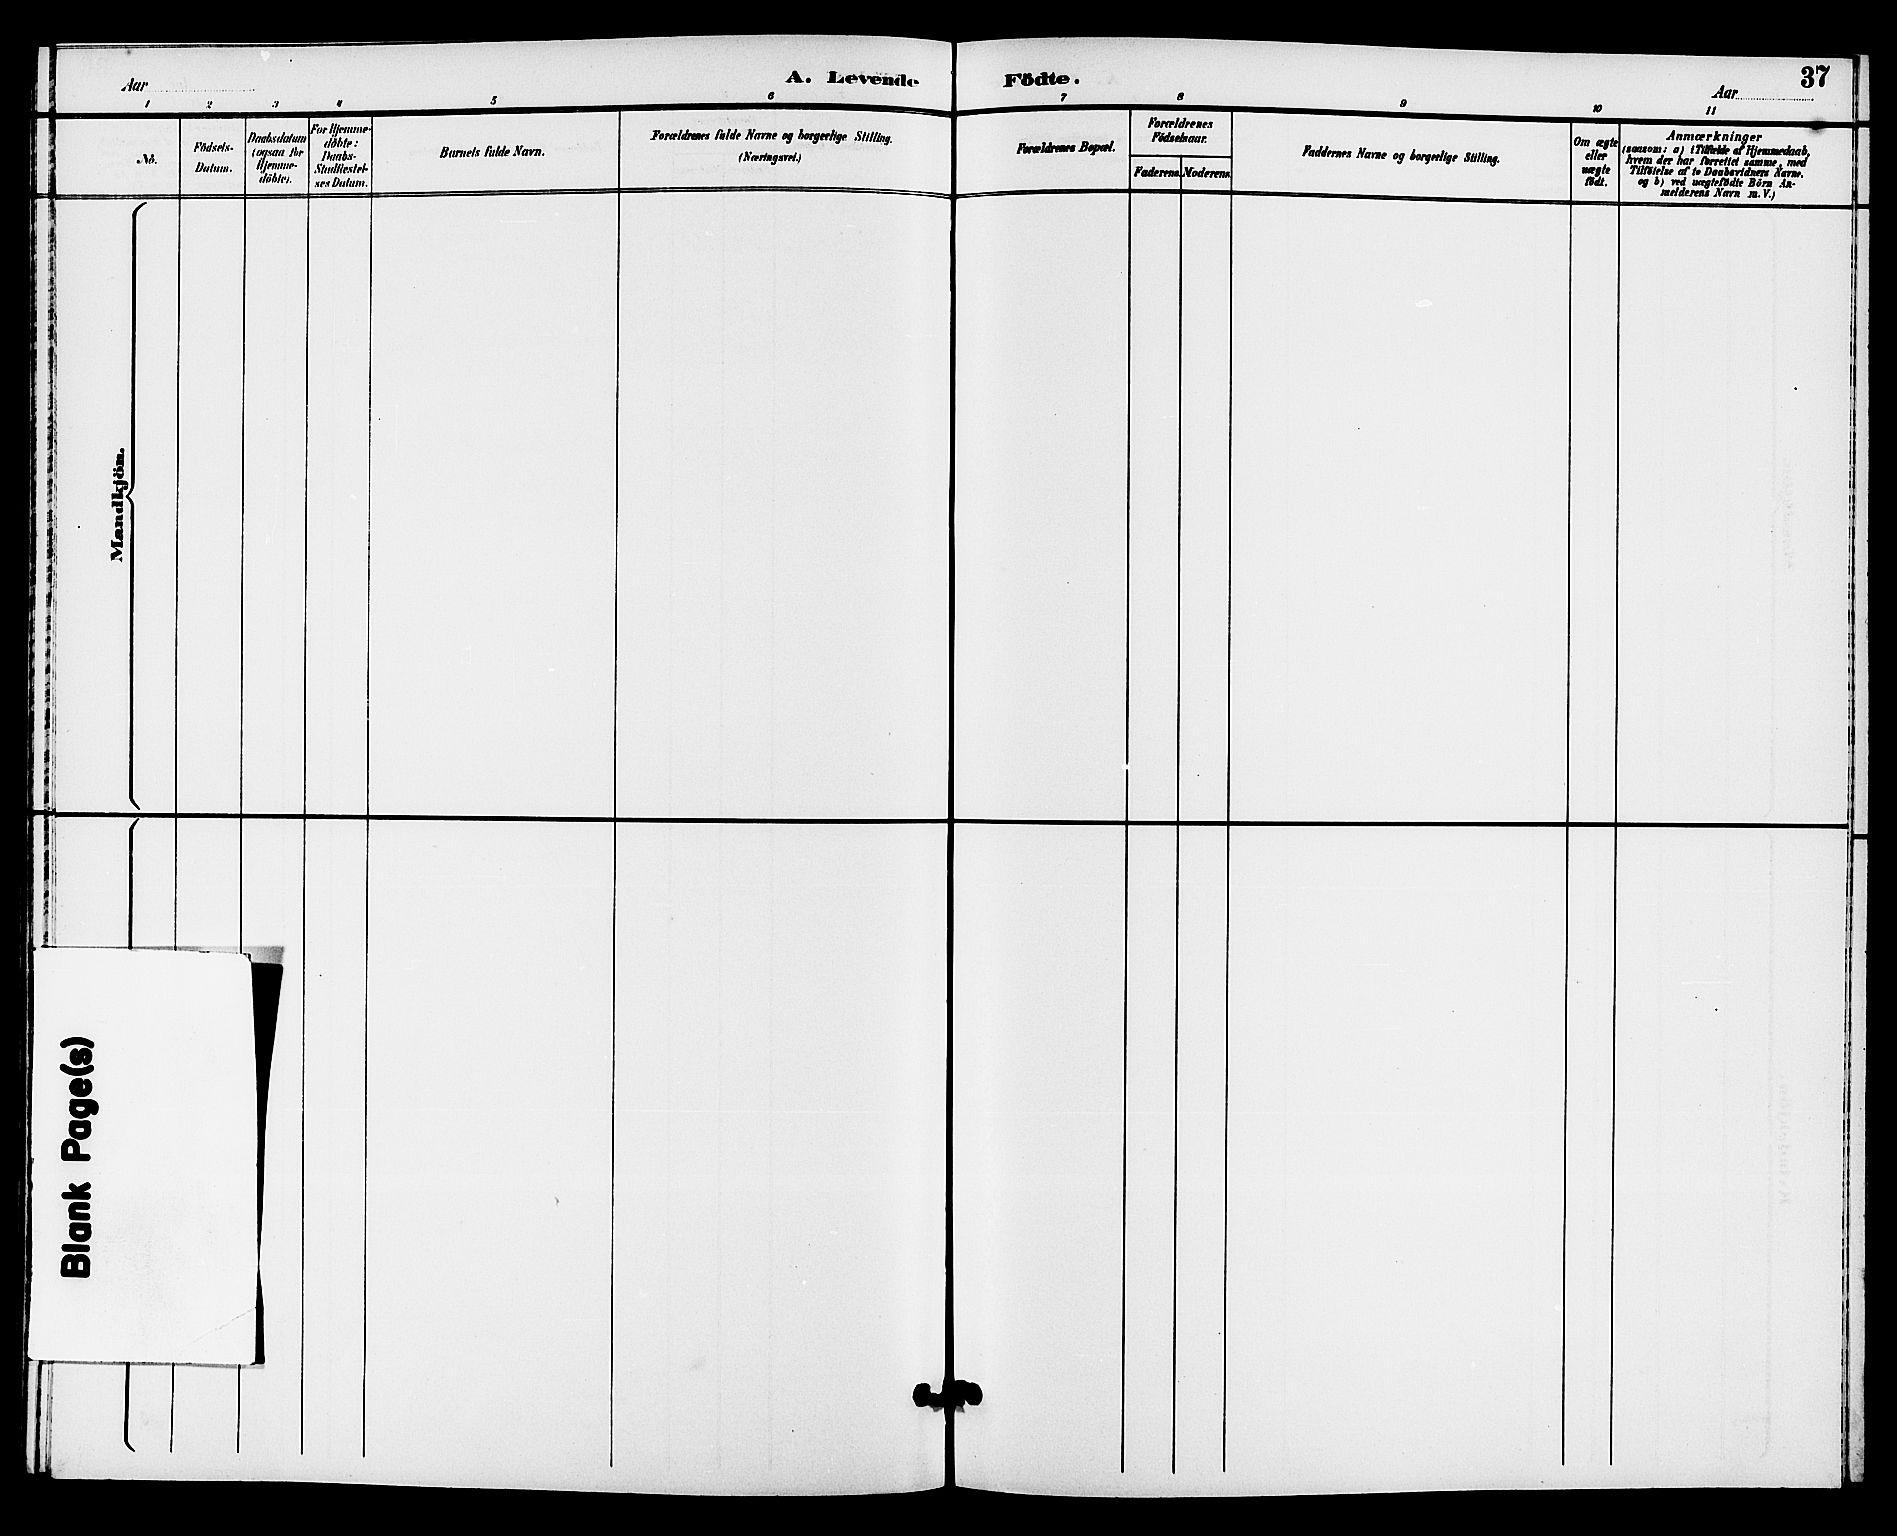 SAKO, Hjartdal kirkebøker, G/Gc/L0003: Klokkerbok nr. III 3, 1890-1907, s. 37